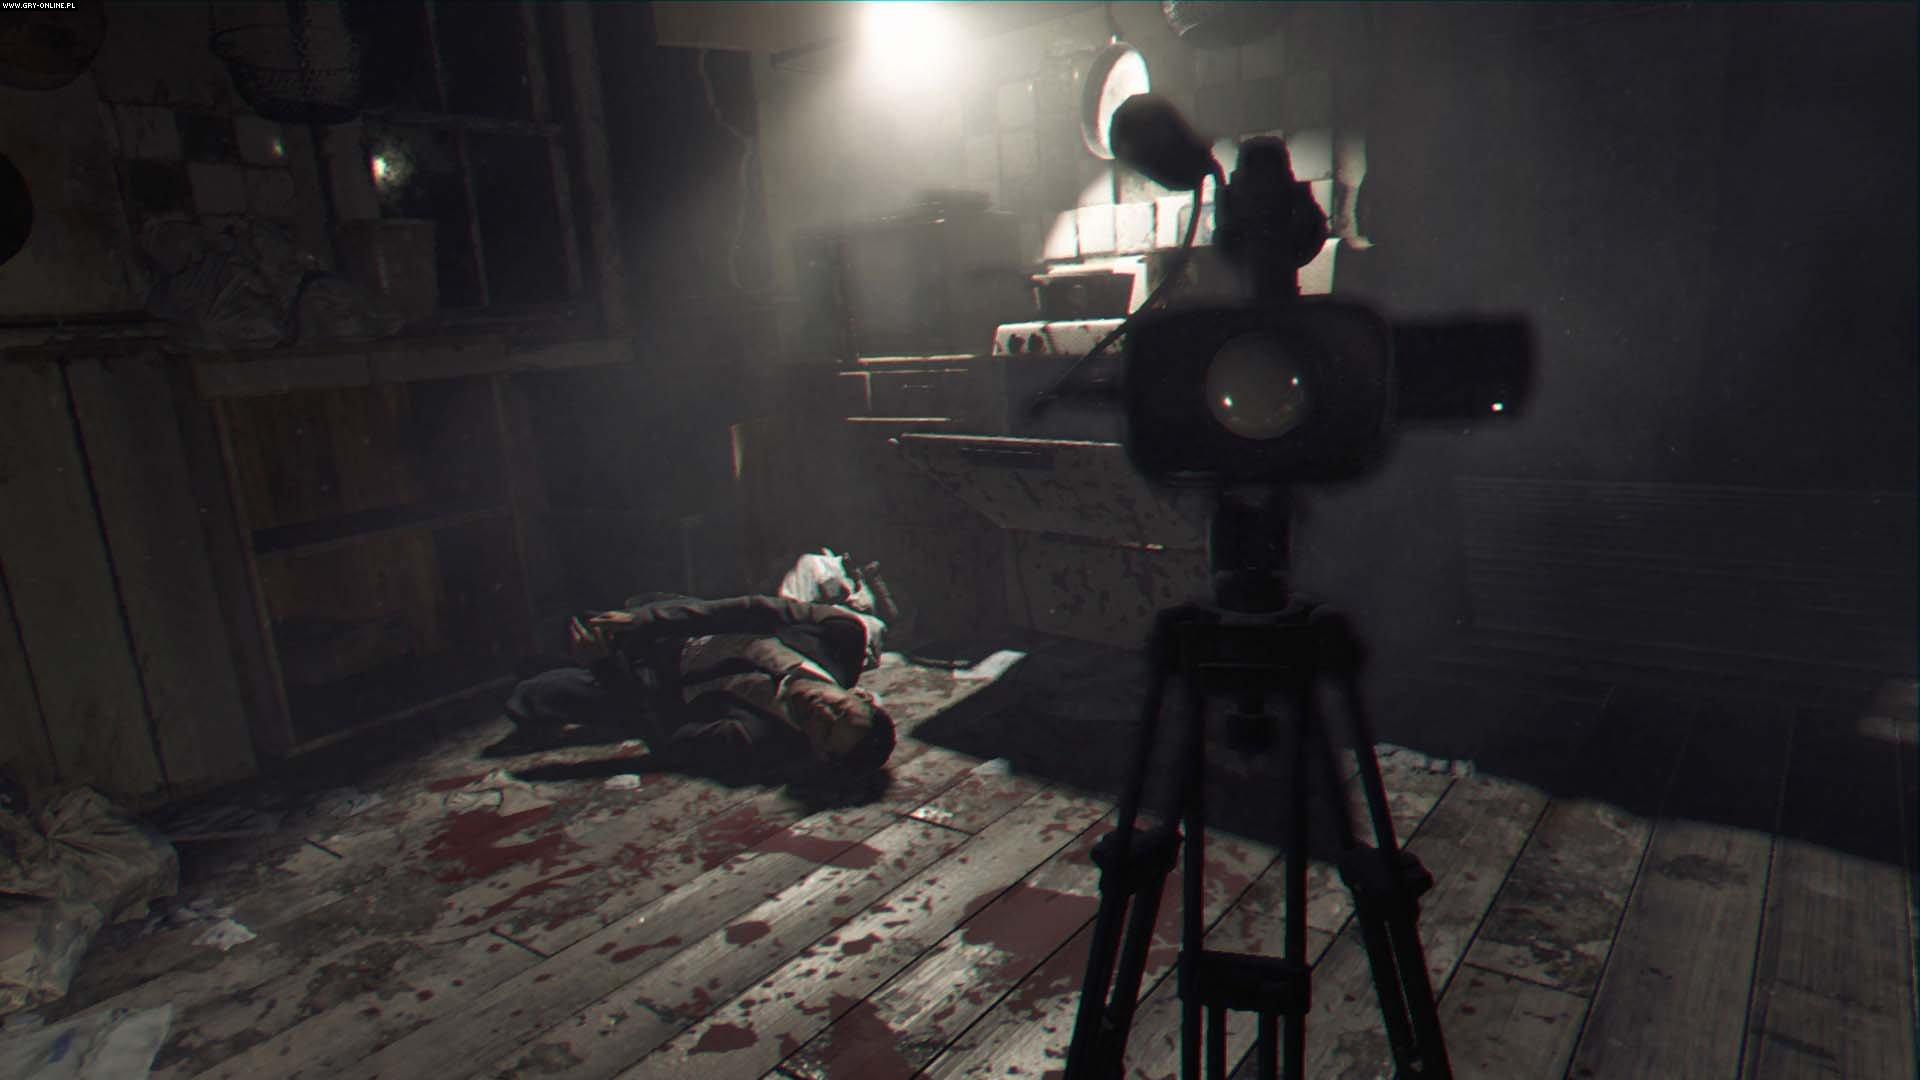 Resident Evil VII: Biohazard PC, PS4, XONE Games Image 27/87, Capcom